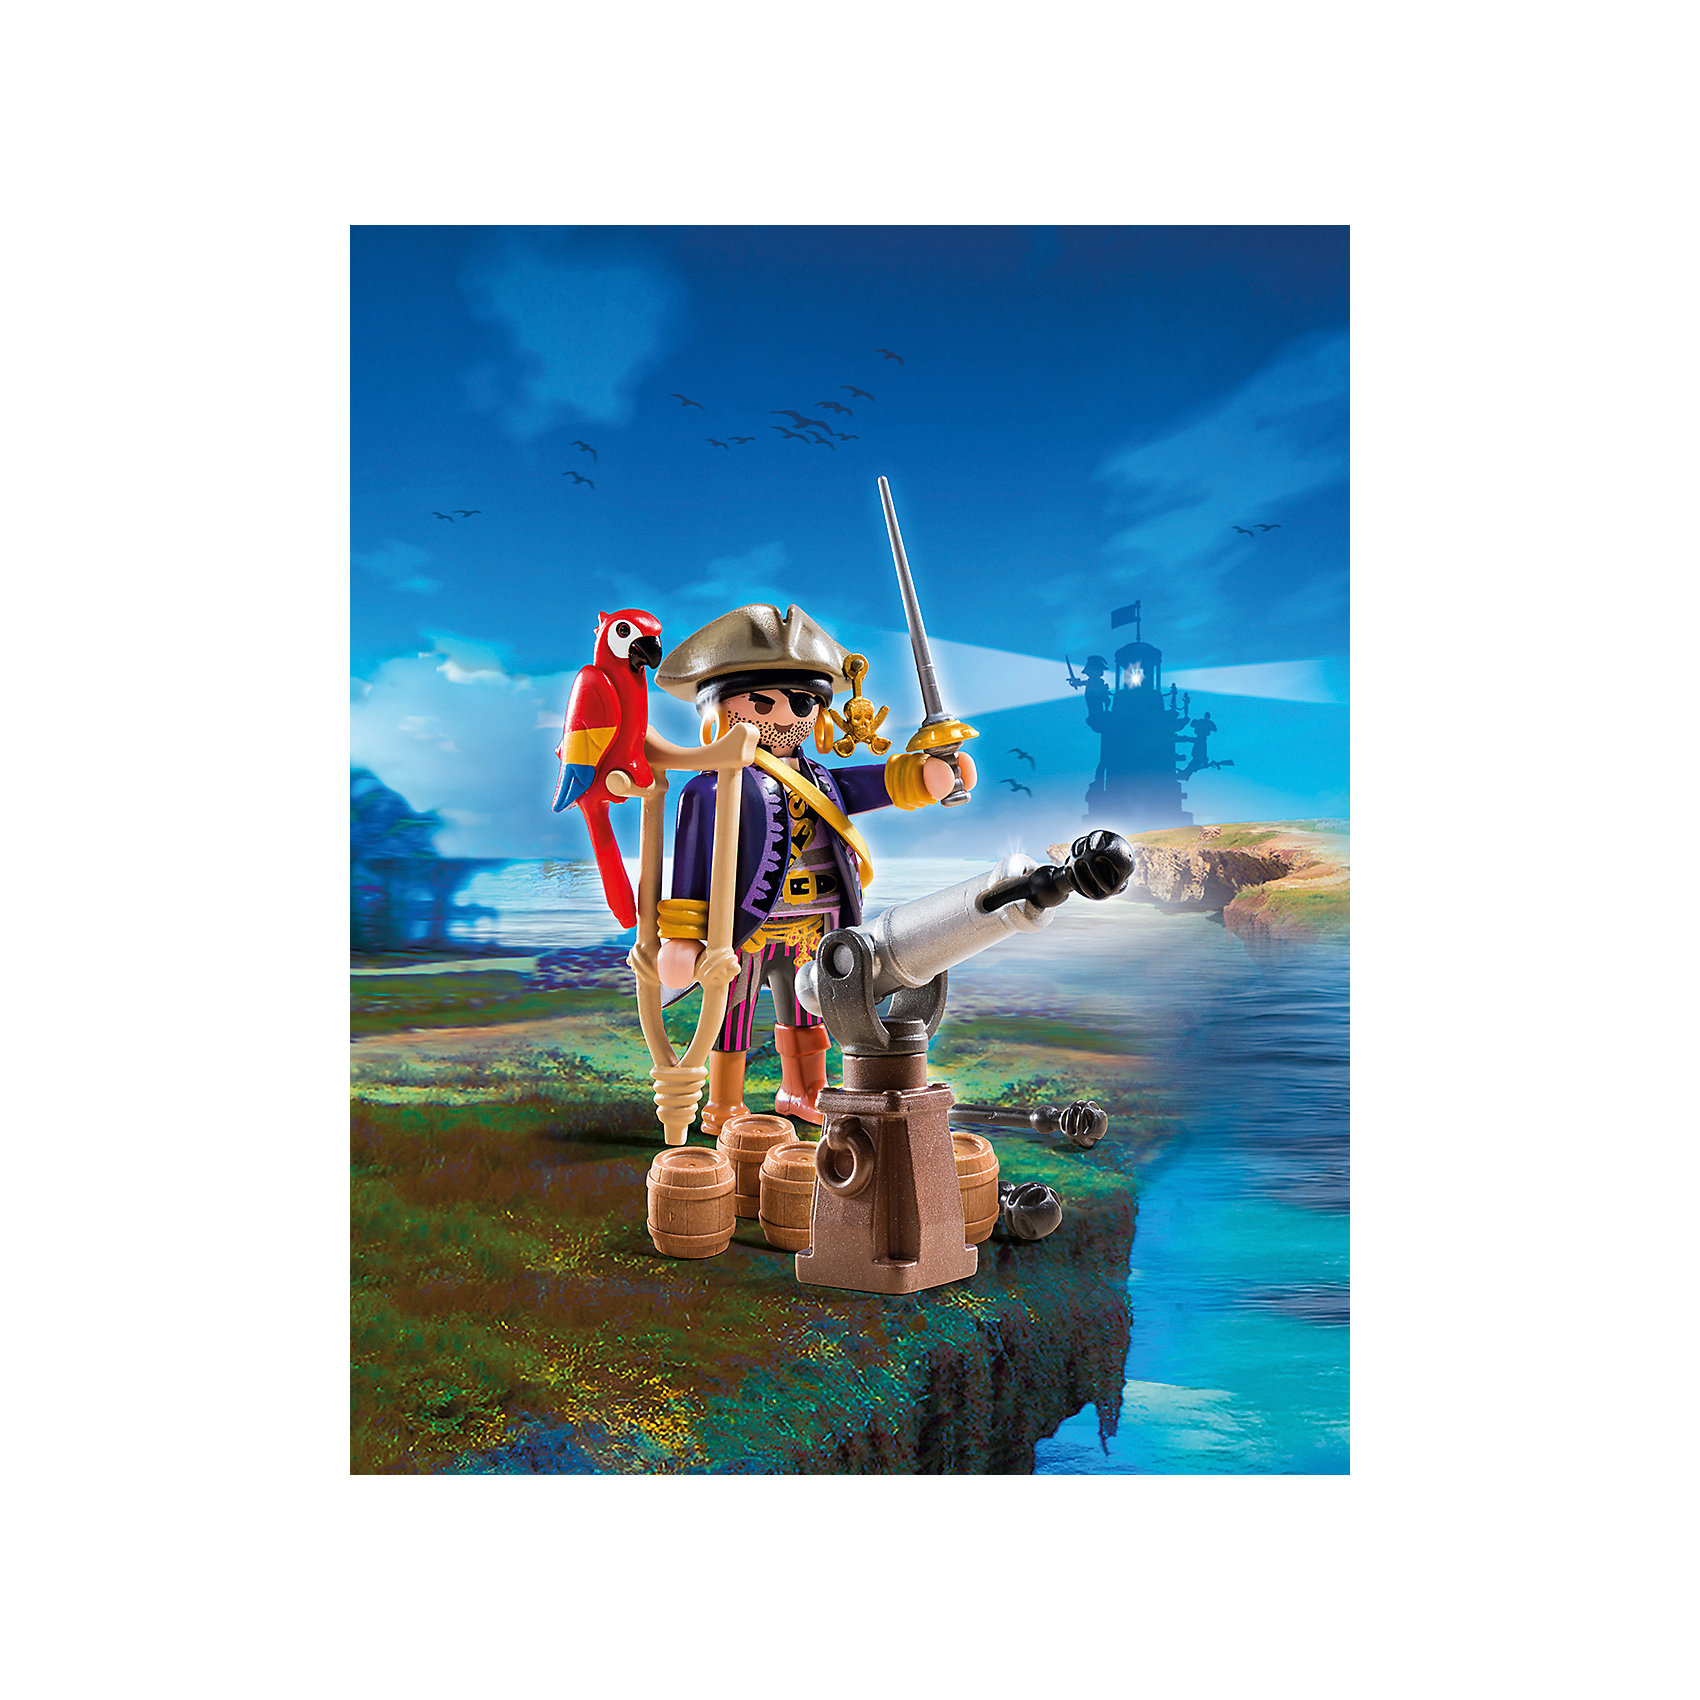 Капитан пиратов, PLAYMOBILПознакомься с капитаном пиратов! Если повезет, он научит тебя стрелять из пушки, даст подержать своего попугая и расскажет, где же спрятаны сокровища! Фигурка имеет подвижные конечности, в руки можно вложить различные предметы. Все детали прекрасно проработаны и выполнены из высококачественного экологичного пластика безопасного для детей. Играть с таким набором не только приятно и интересно - подобные виды игры развивают мелкую моторику, воображение, творческое мышление.<br><br>Дополнительная информация:<br><br>- 1 фигурка<br>- Комплектация: 1 фигурка, пушка, бочки, попугай, аксессуары. <br>- Материал: пластик.<br>- Размер: 15х10х5 см.<br>- Высота фигурки: 7,5 см.<br>- Голова, руки, ноги у фигурки подвижные.<br><br>Набор Пиратский тайник с сокровищами, PLAYMOBIL (Плеймобил), можно купить в нашем магазине.<br><br>Ширина мм: 147<br>Глубина мм: 98<br>Высота мм: 50<br>Вес г: 79<br>Возраст от месяцев: 48<br>Возраст до месяцев: 120<br>Пол: Мужской<br>Возраст: Детский<br>SKU: 4012480